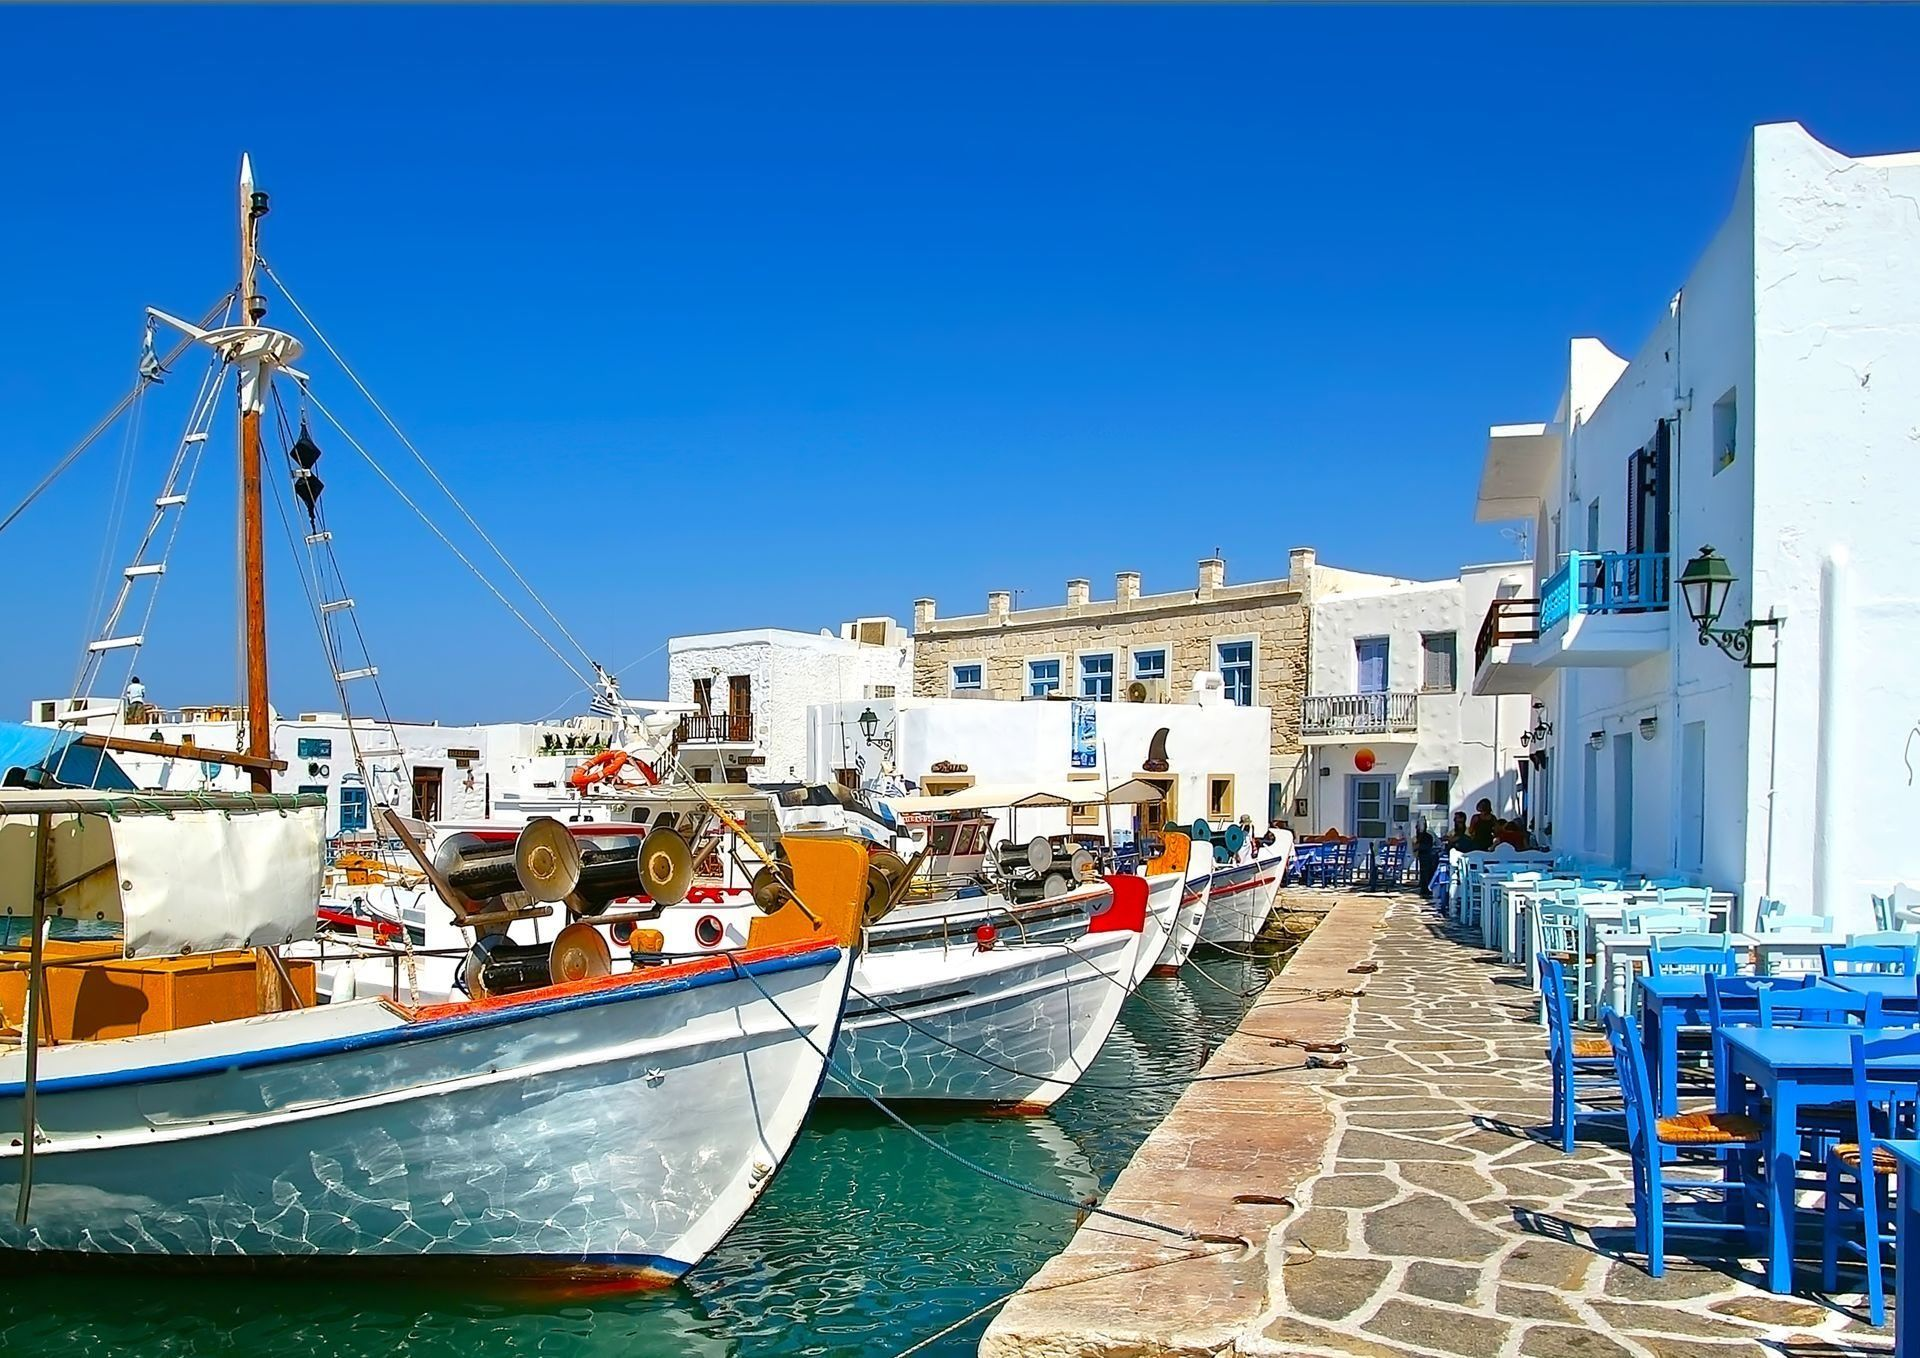 greek-fishing-village-in-paros-n